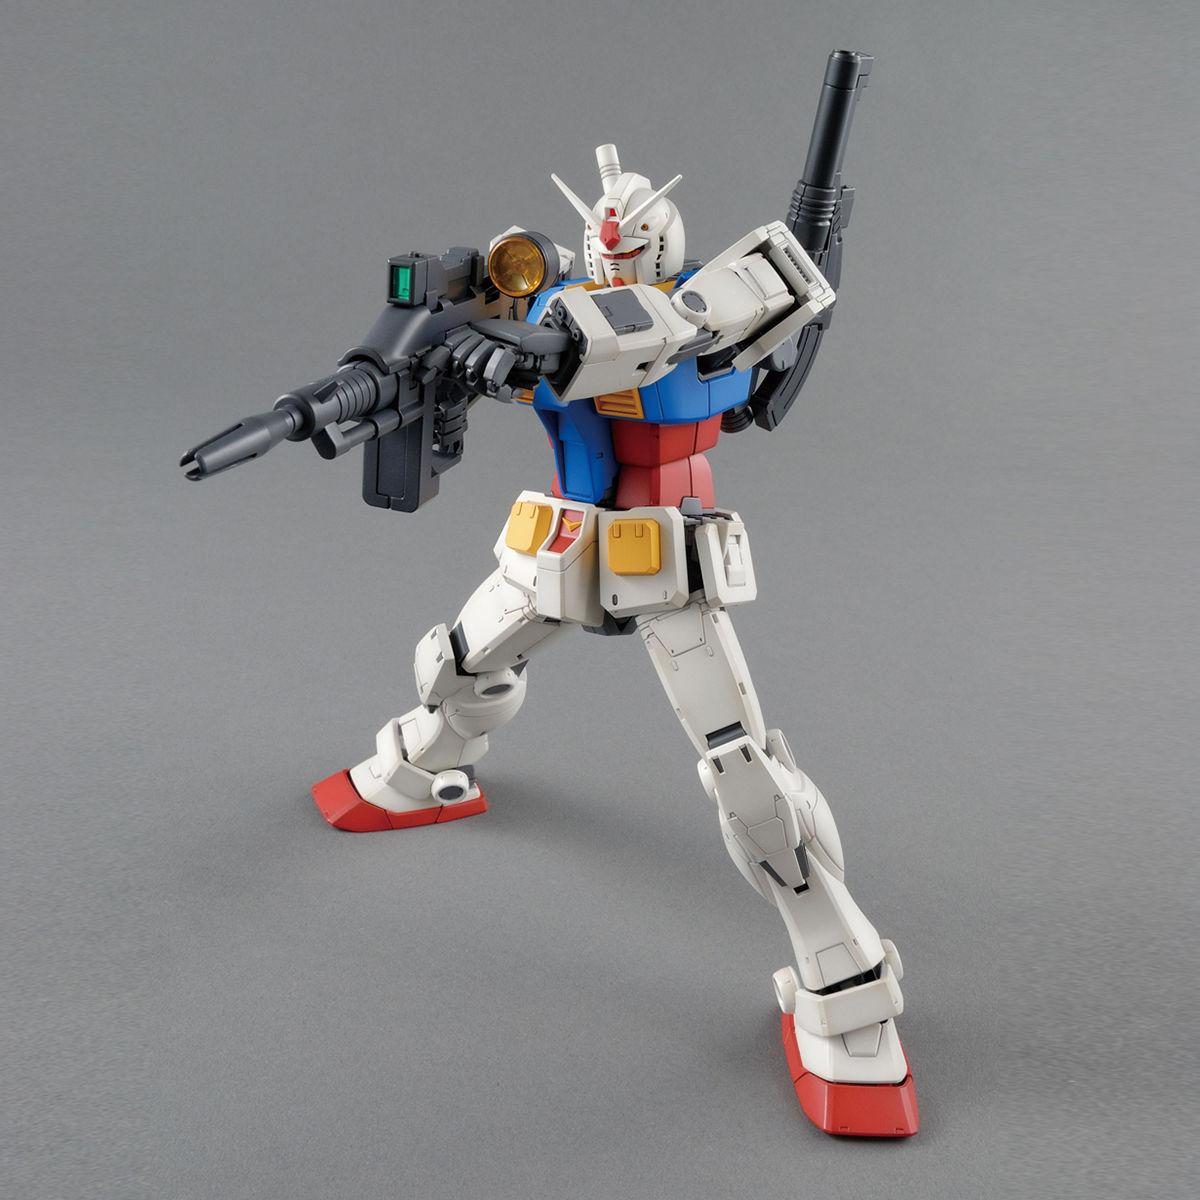 MG 1/100 MG RX-78-02鋼彈(GUNDAM THE ORIGIN版)